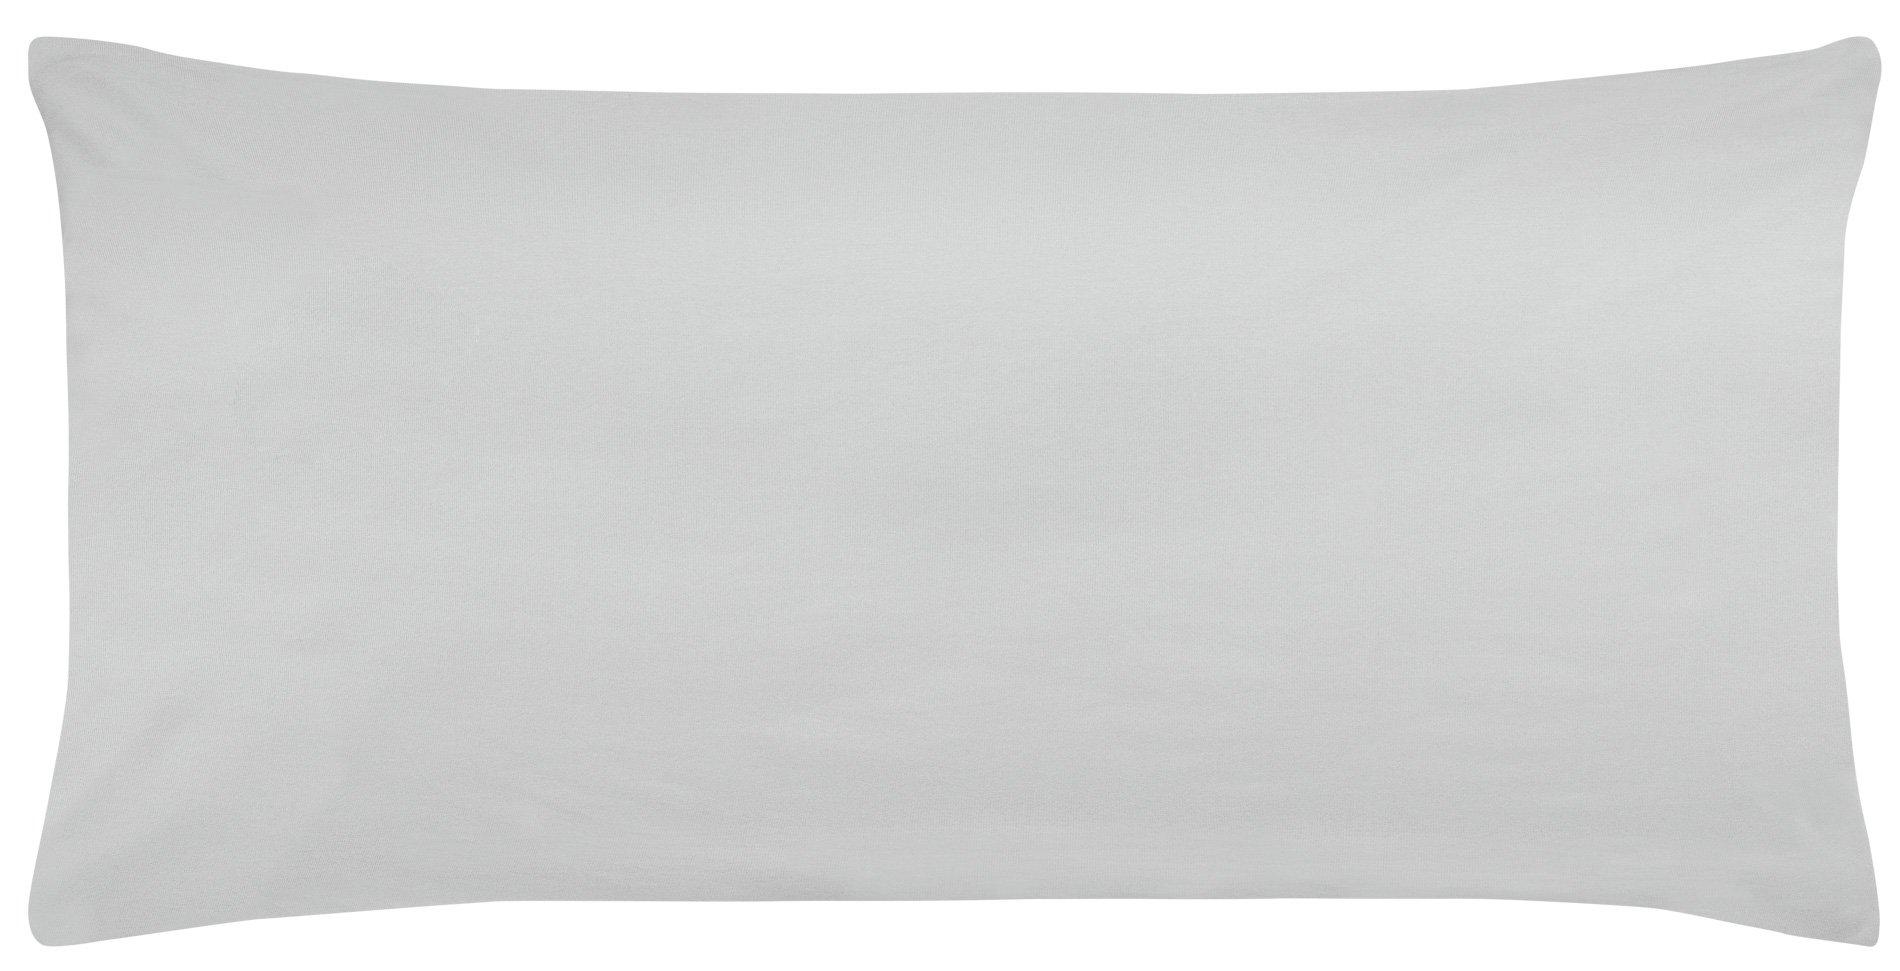 K.-Bezug platin 40x80cm